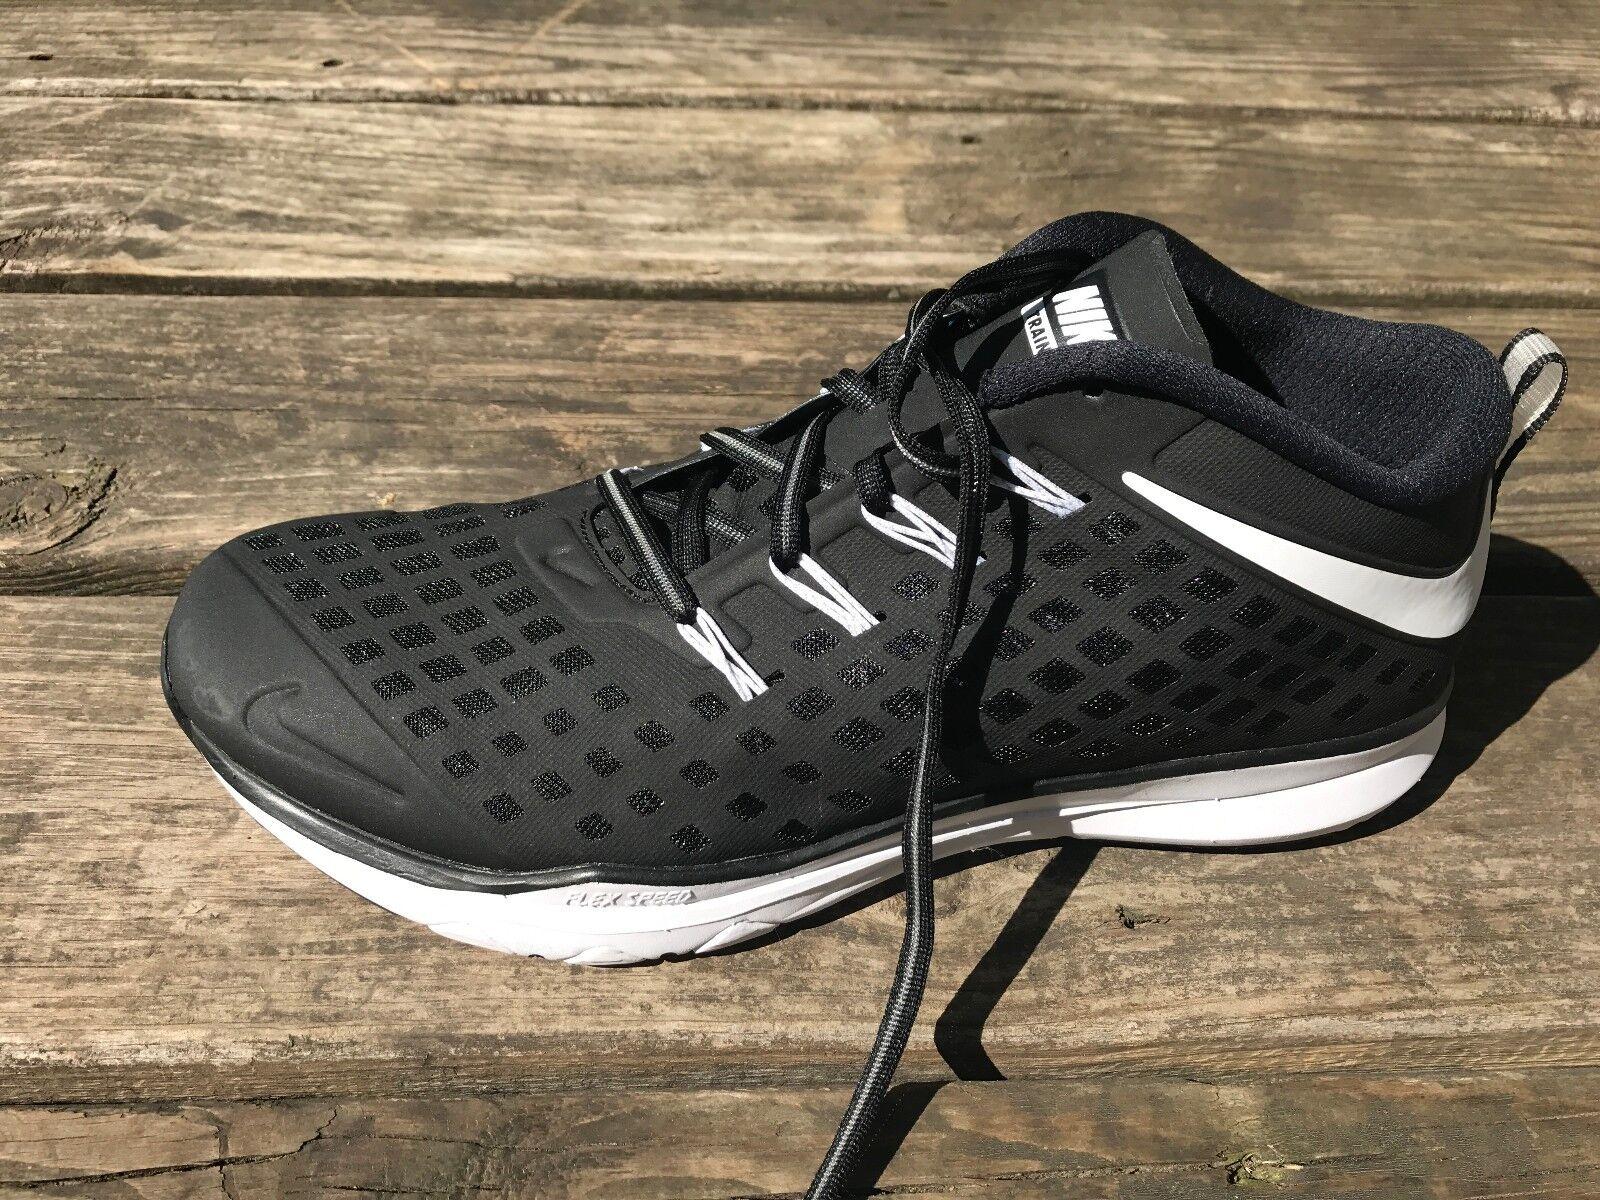 Nike uomini treno veloce delle scarpe taglia 11 nuovi 844406-017 formazione